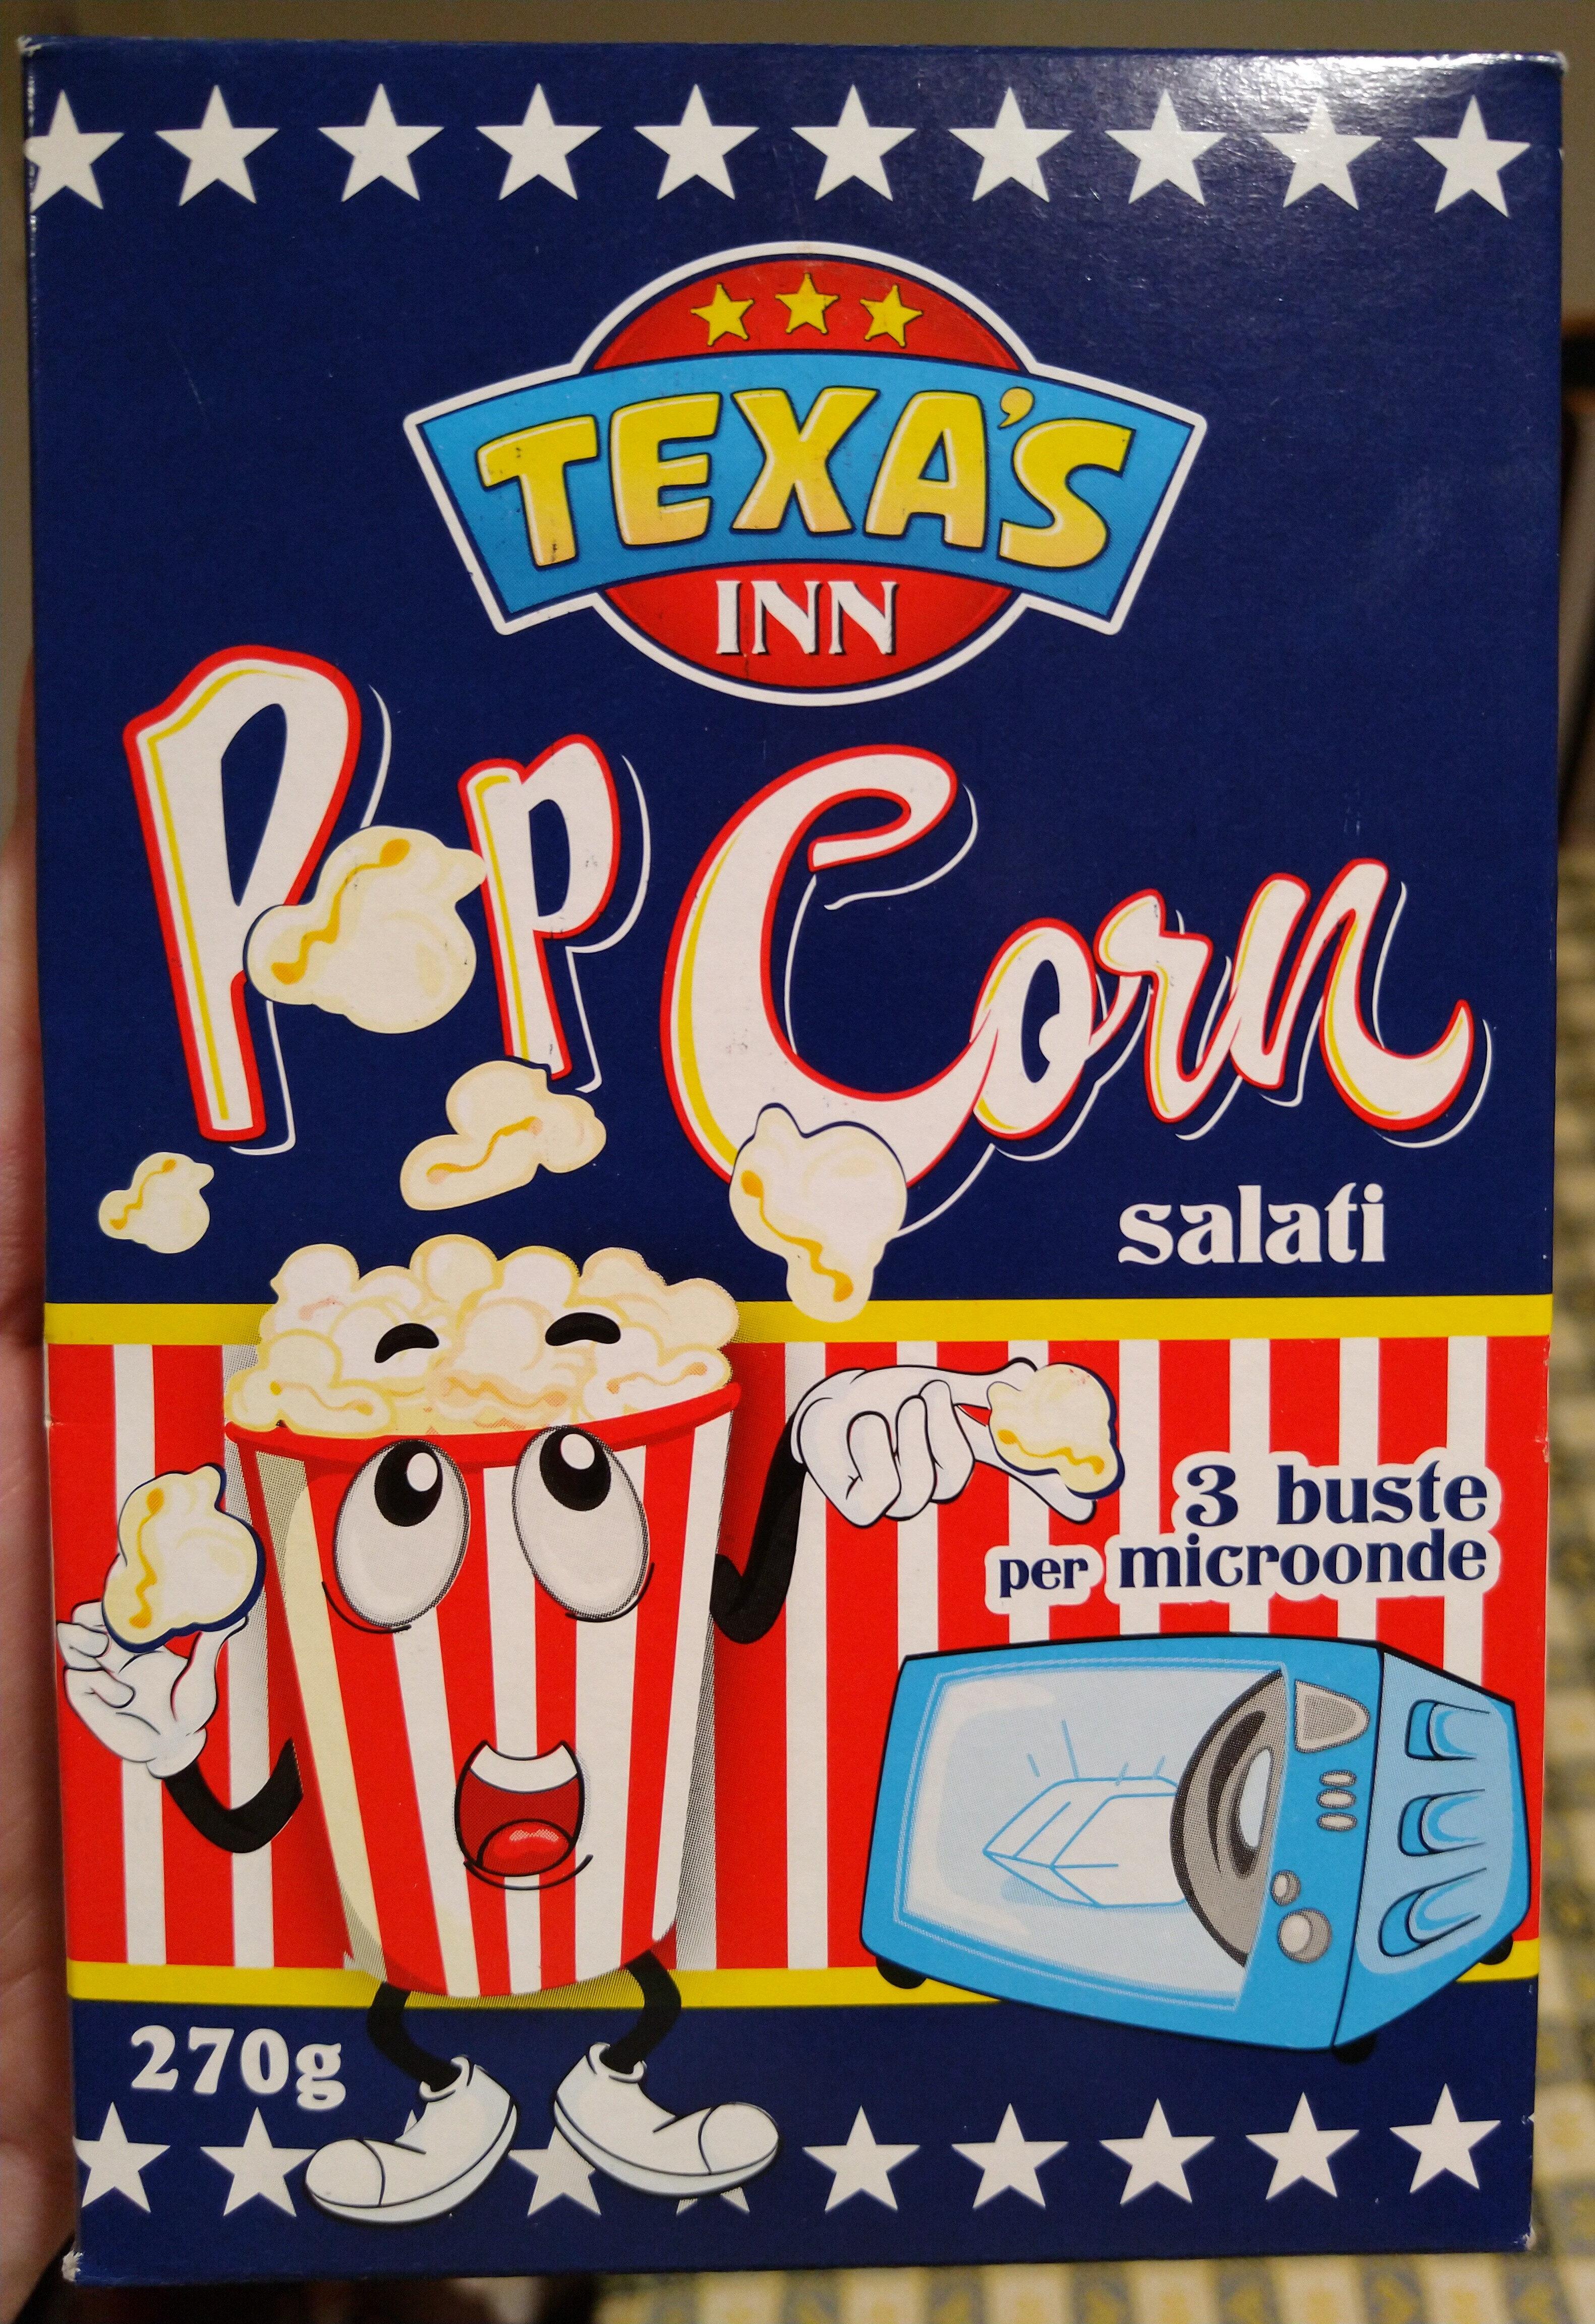 pop corn salati - Prodotto - it